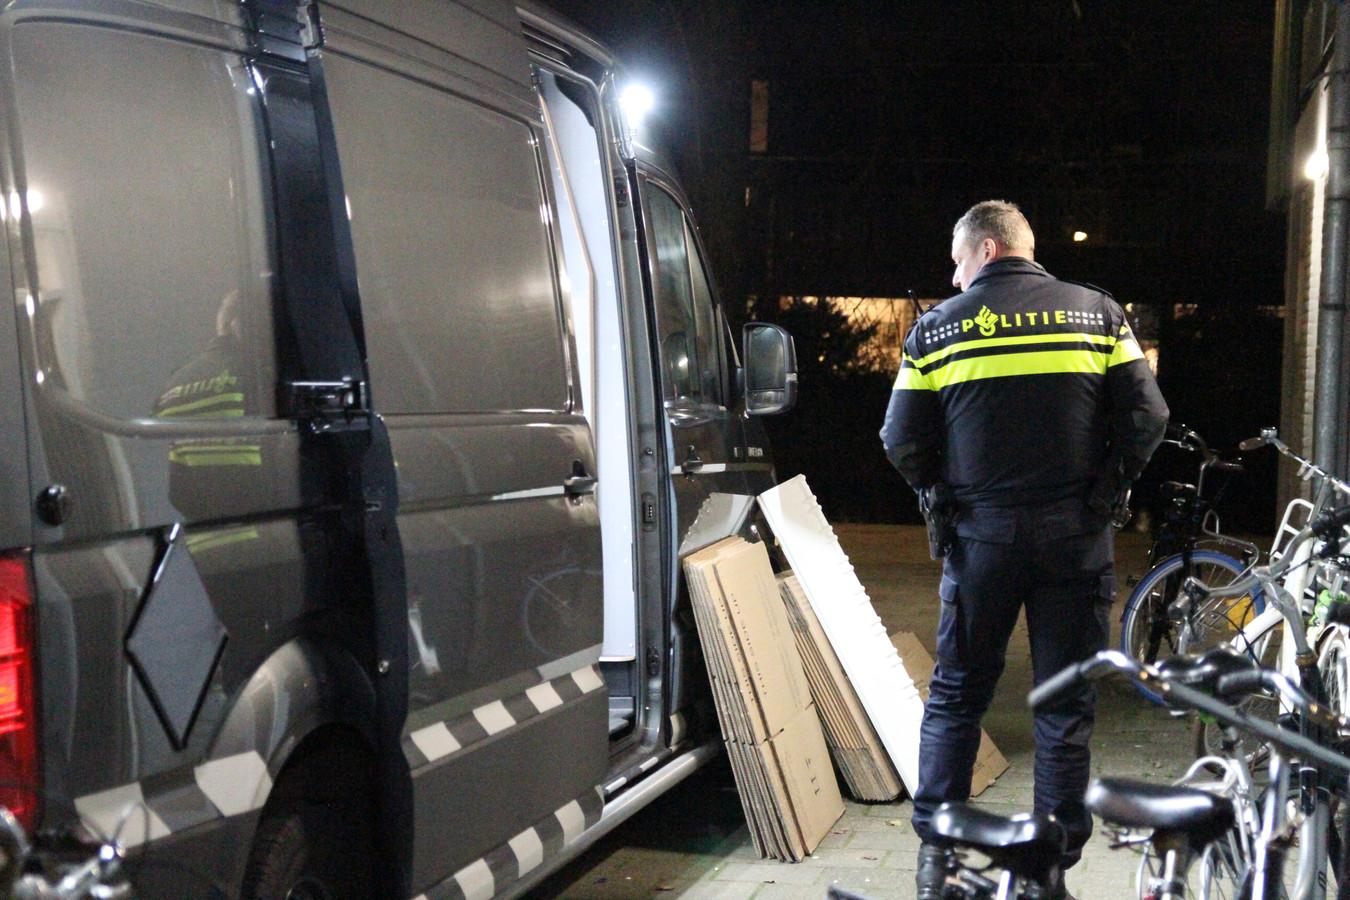 De politie vond in kelderboxen in Delft 650 kilo aan illegaal vuurwerk.